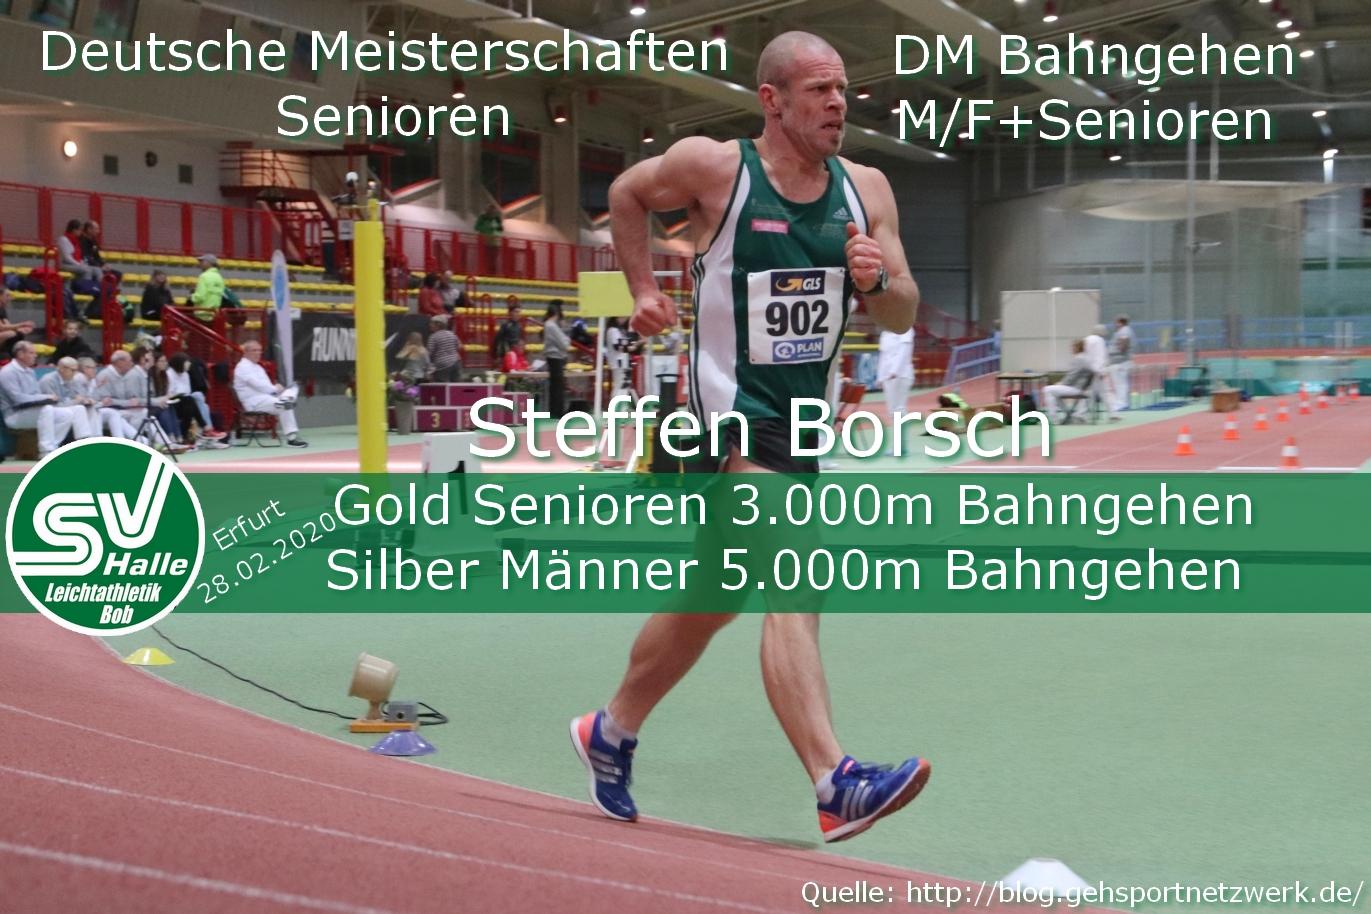 2020.03.04 DM Bahngehen Steffen Borsch